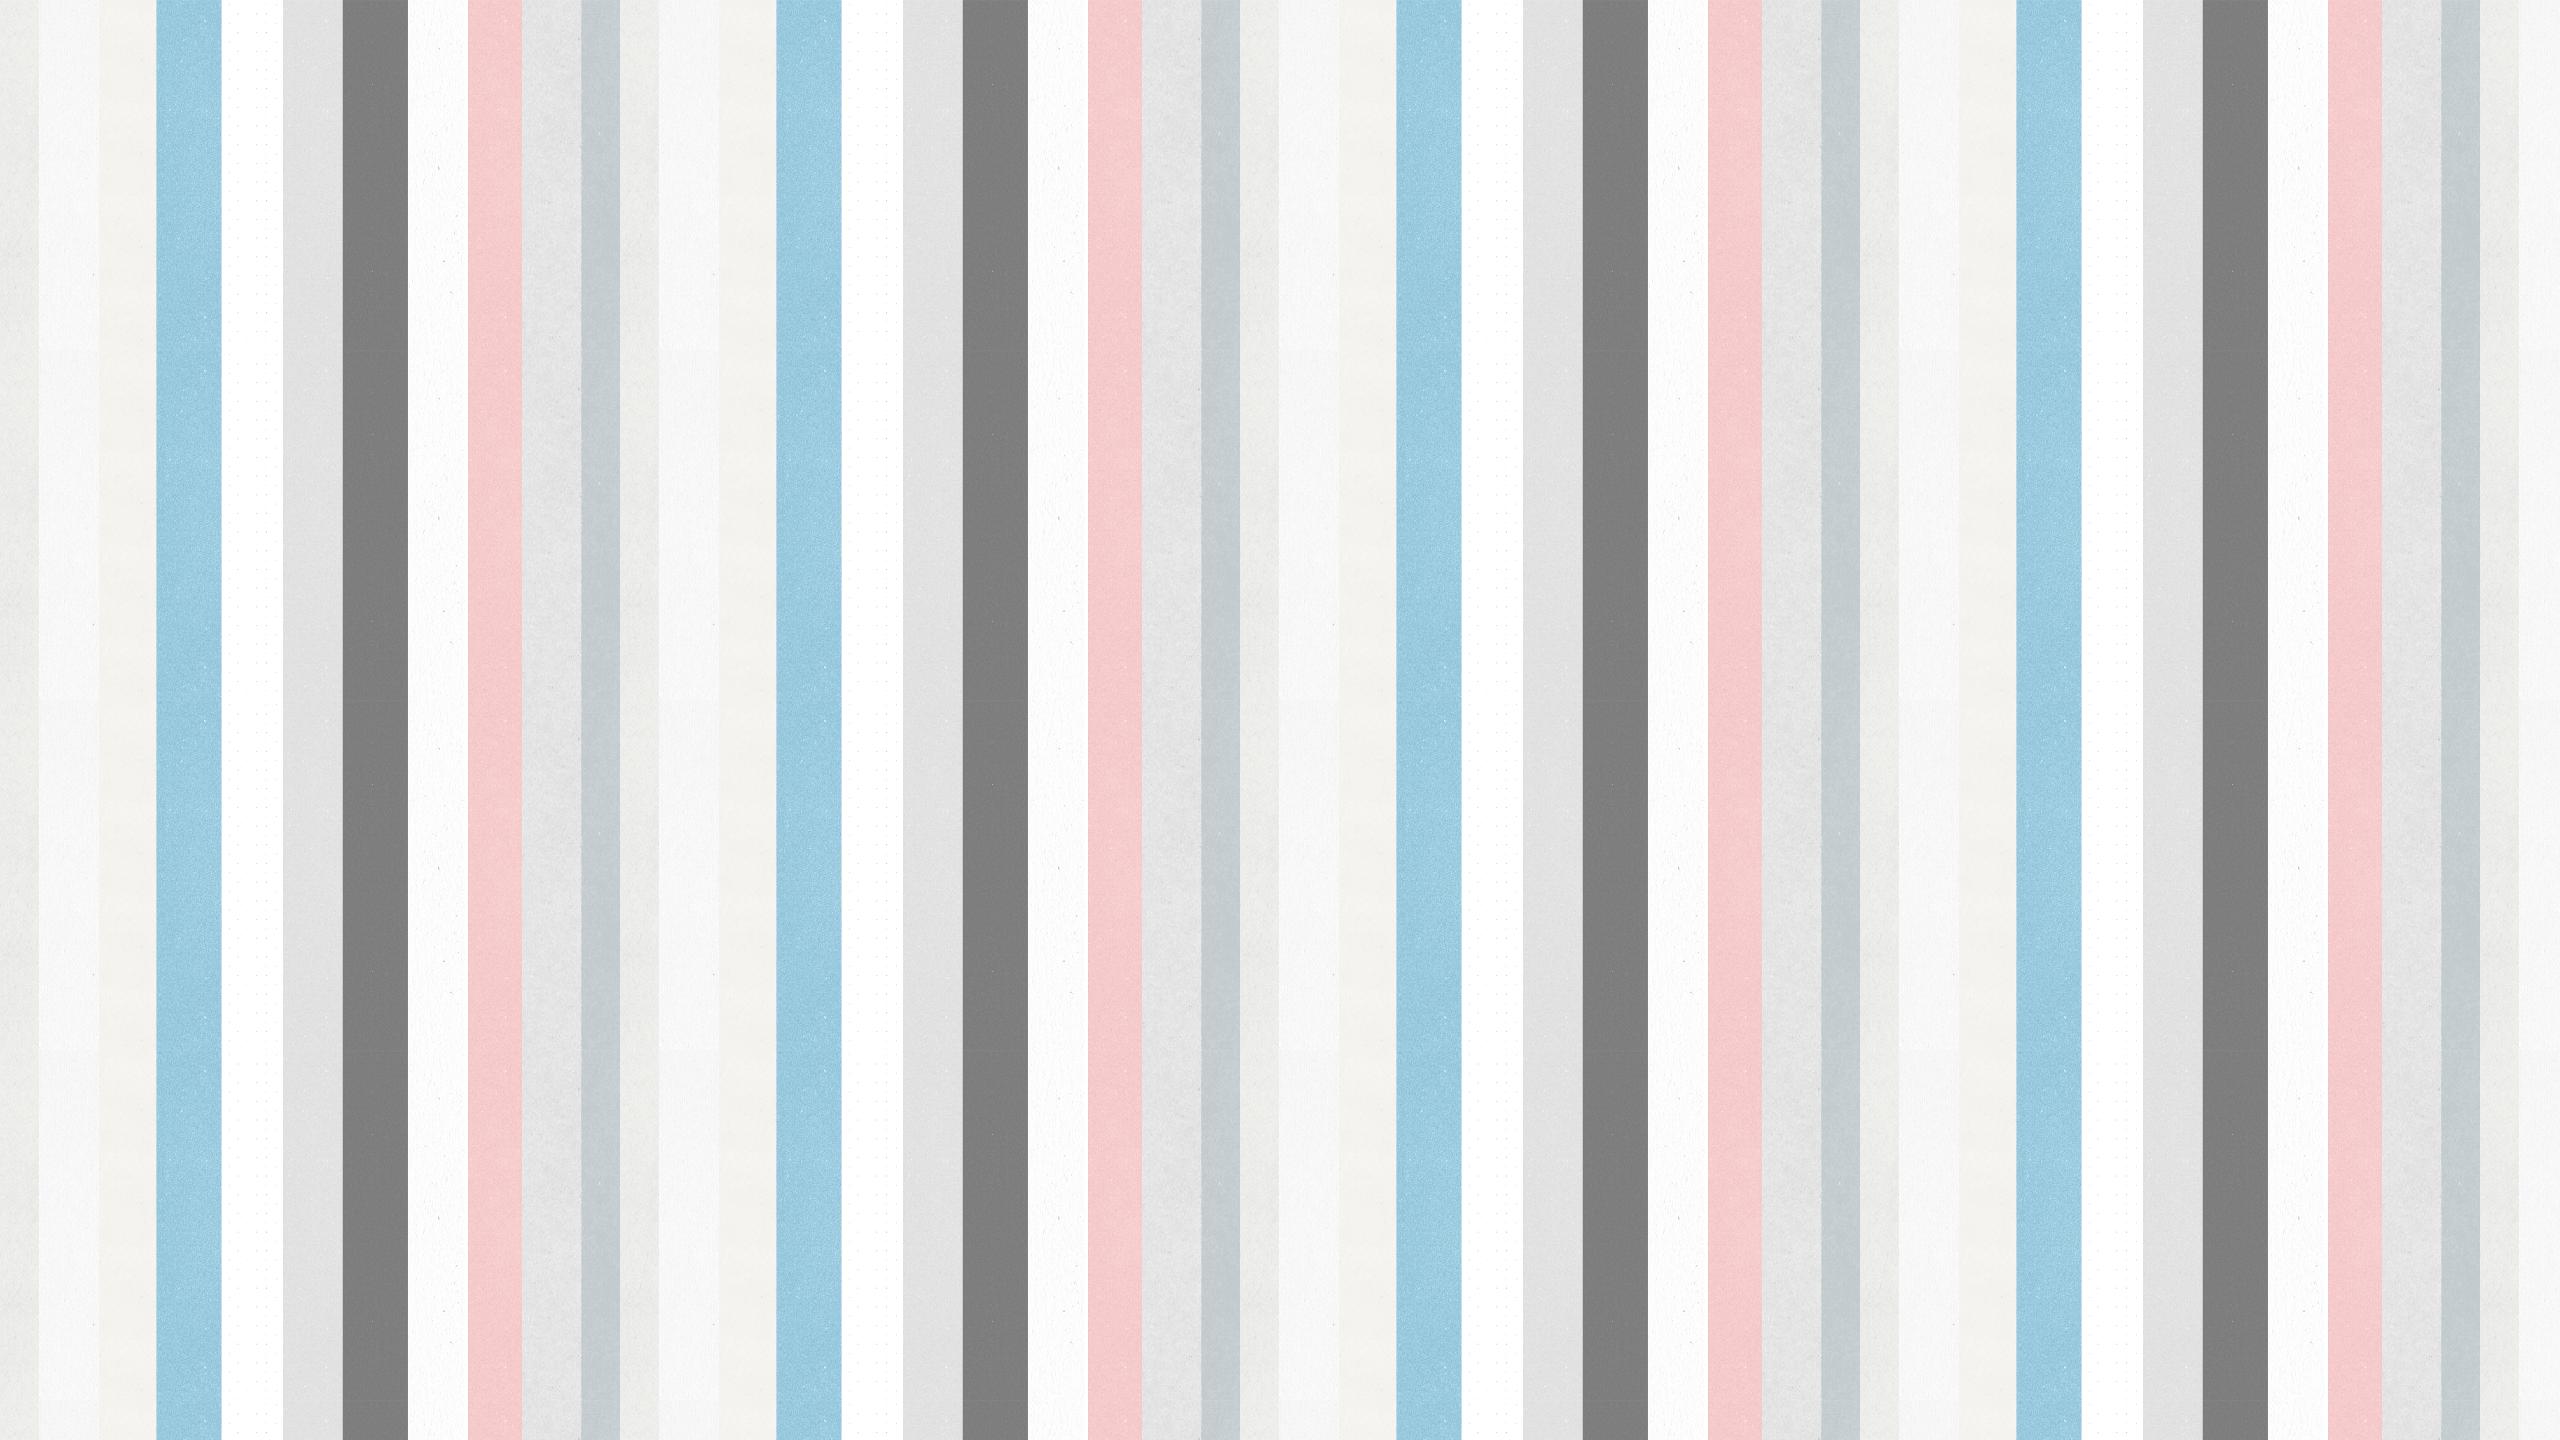 cute pastel pattern wallpaper